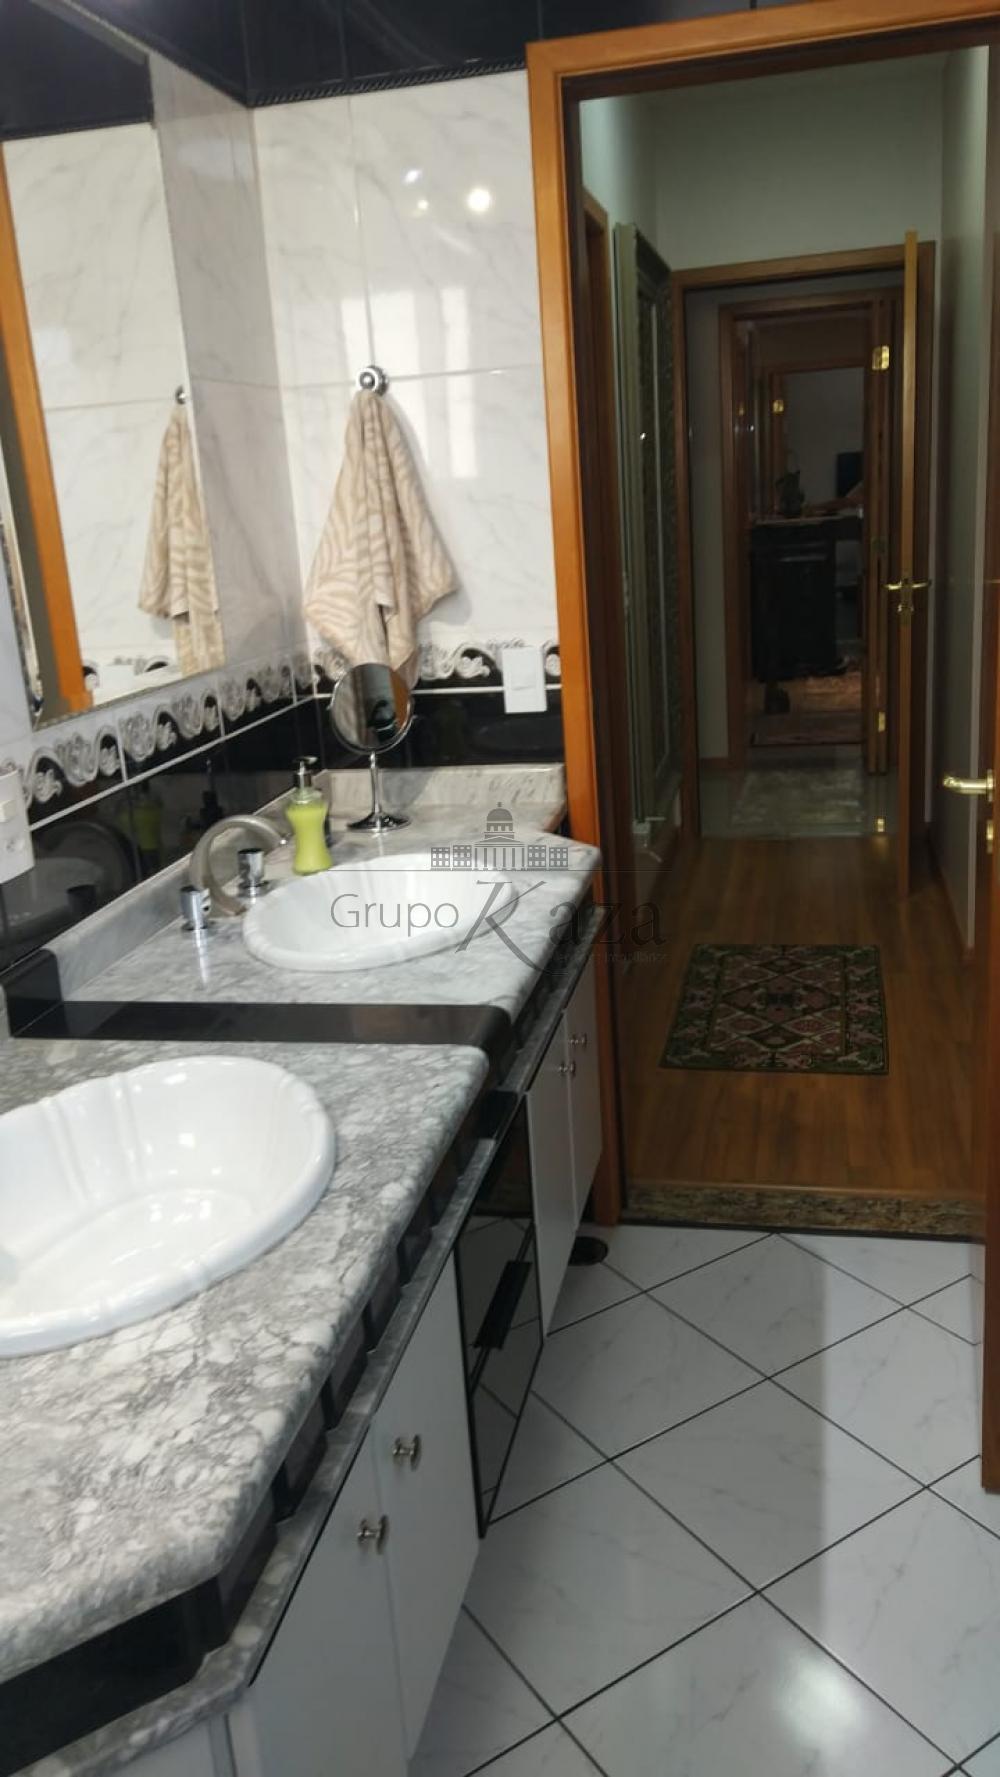 Comprar Apartamento / Padrão em São José dos Campos apenas R$ 1.500.000,00 - Foto 64